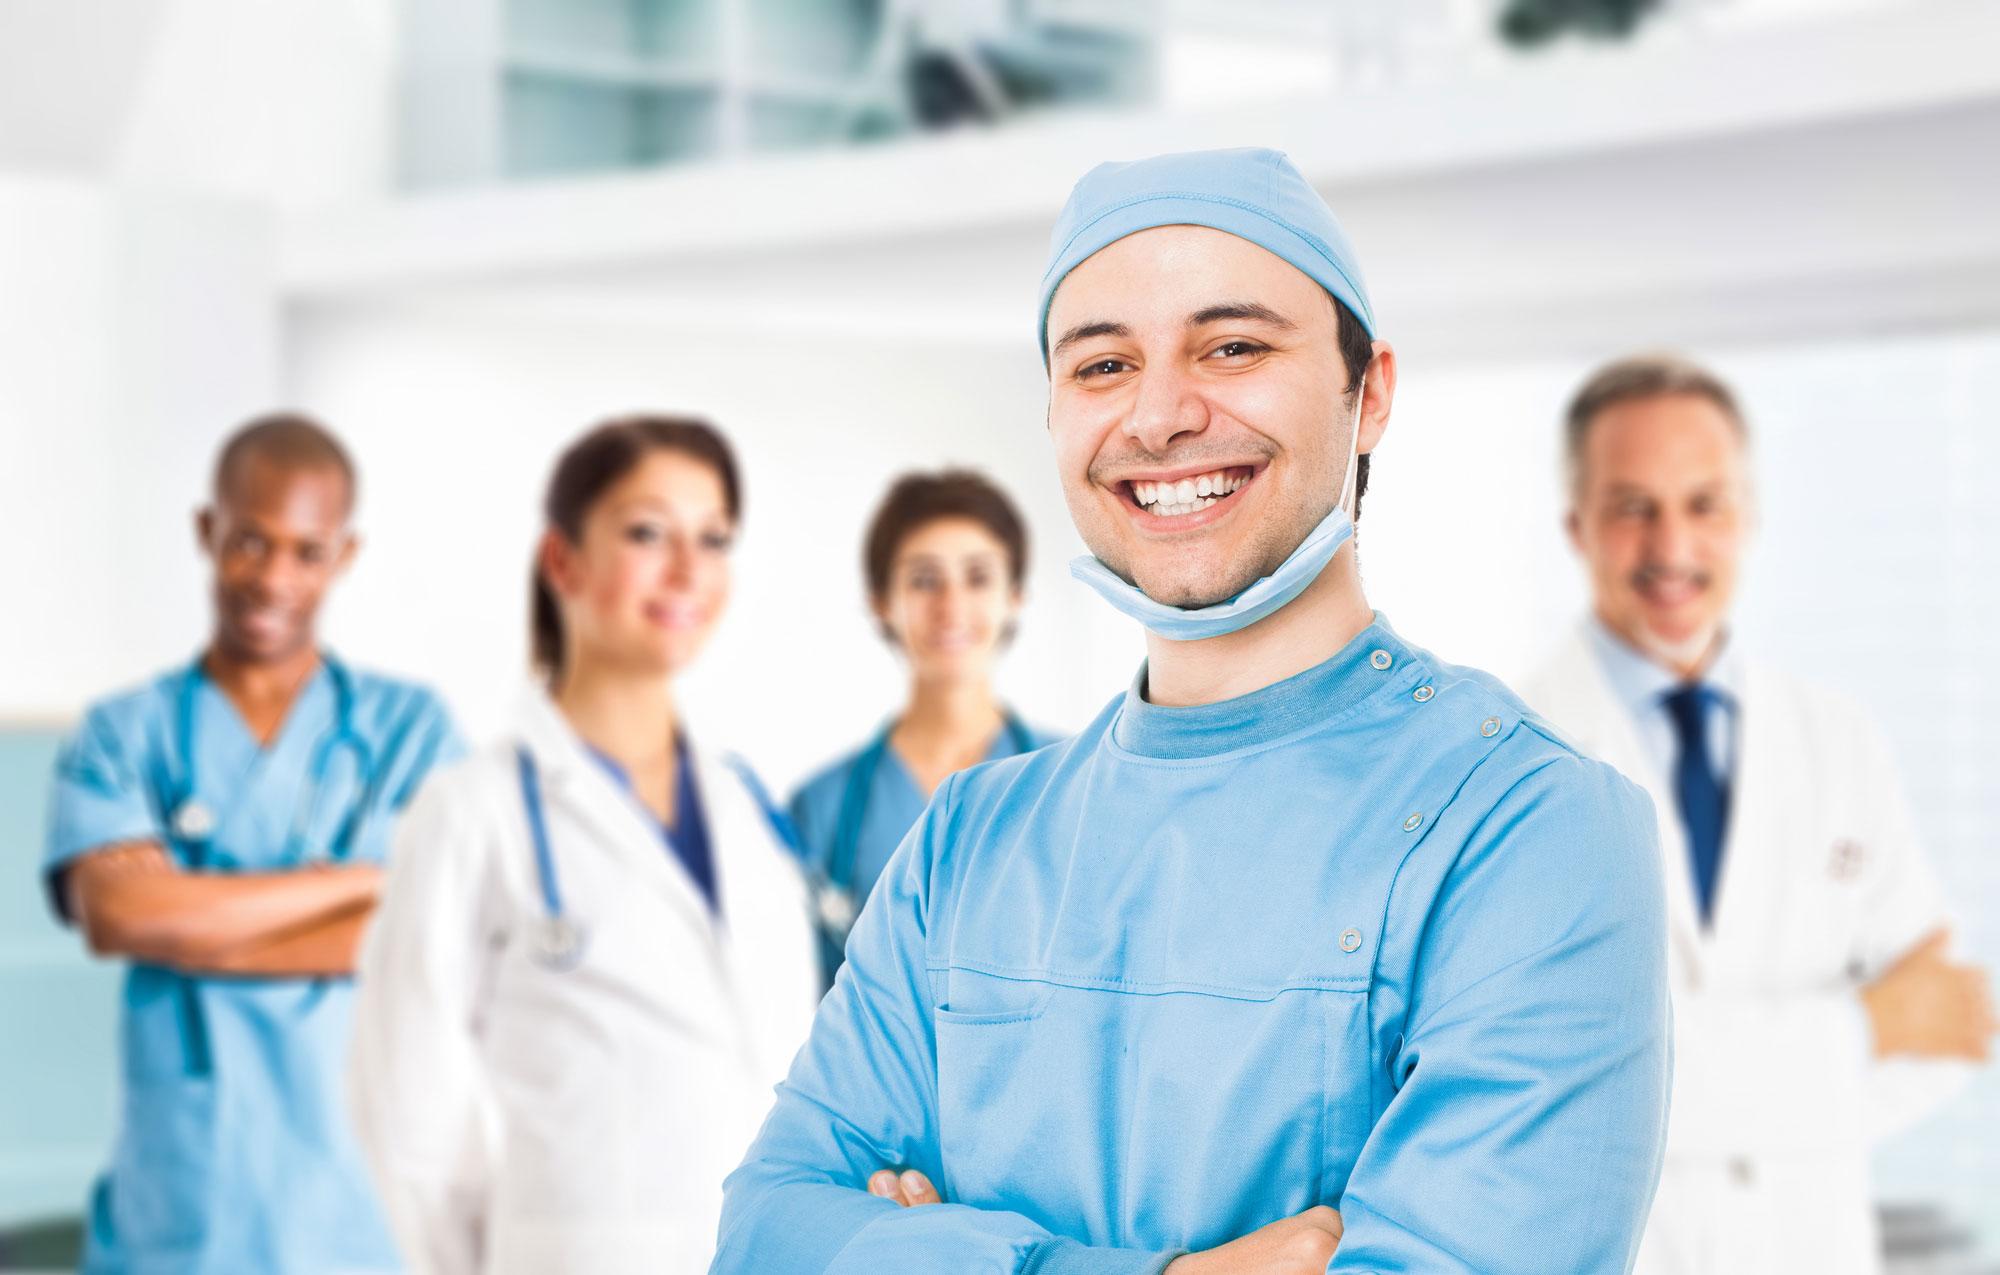 10 важливих питань стоматолога, які боявся поставити кожен з нас